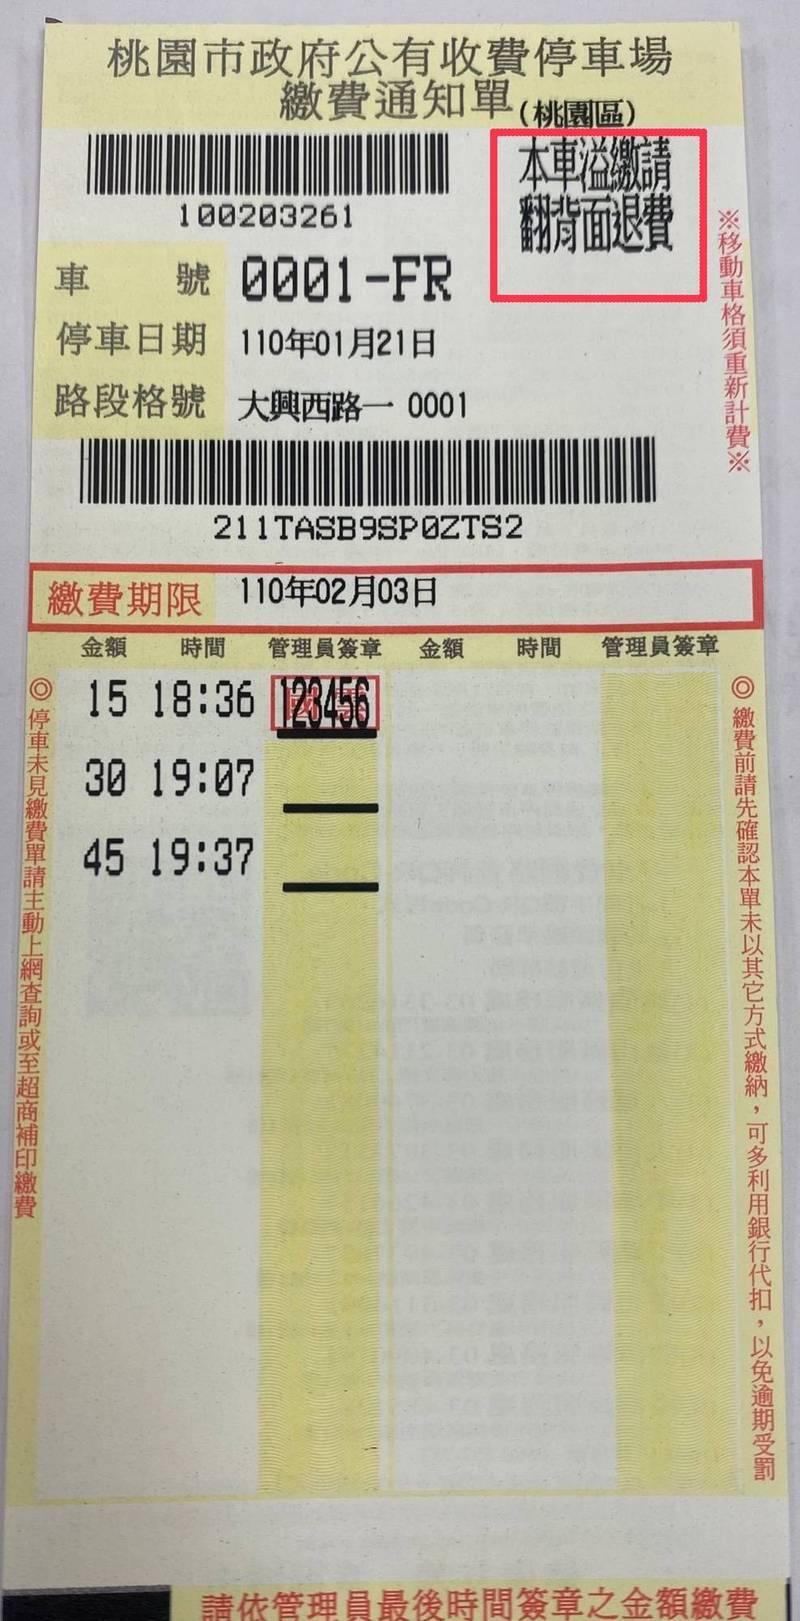 2月起,桃園市路邊停車繳費單會主動通知民眾停車費溢繳情形。(桃園市交通局提供)